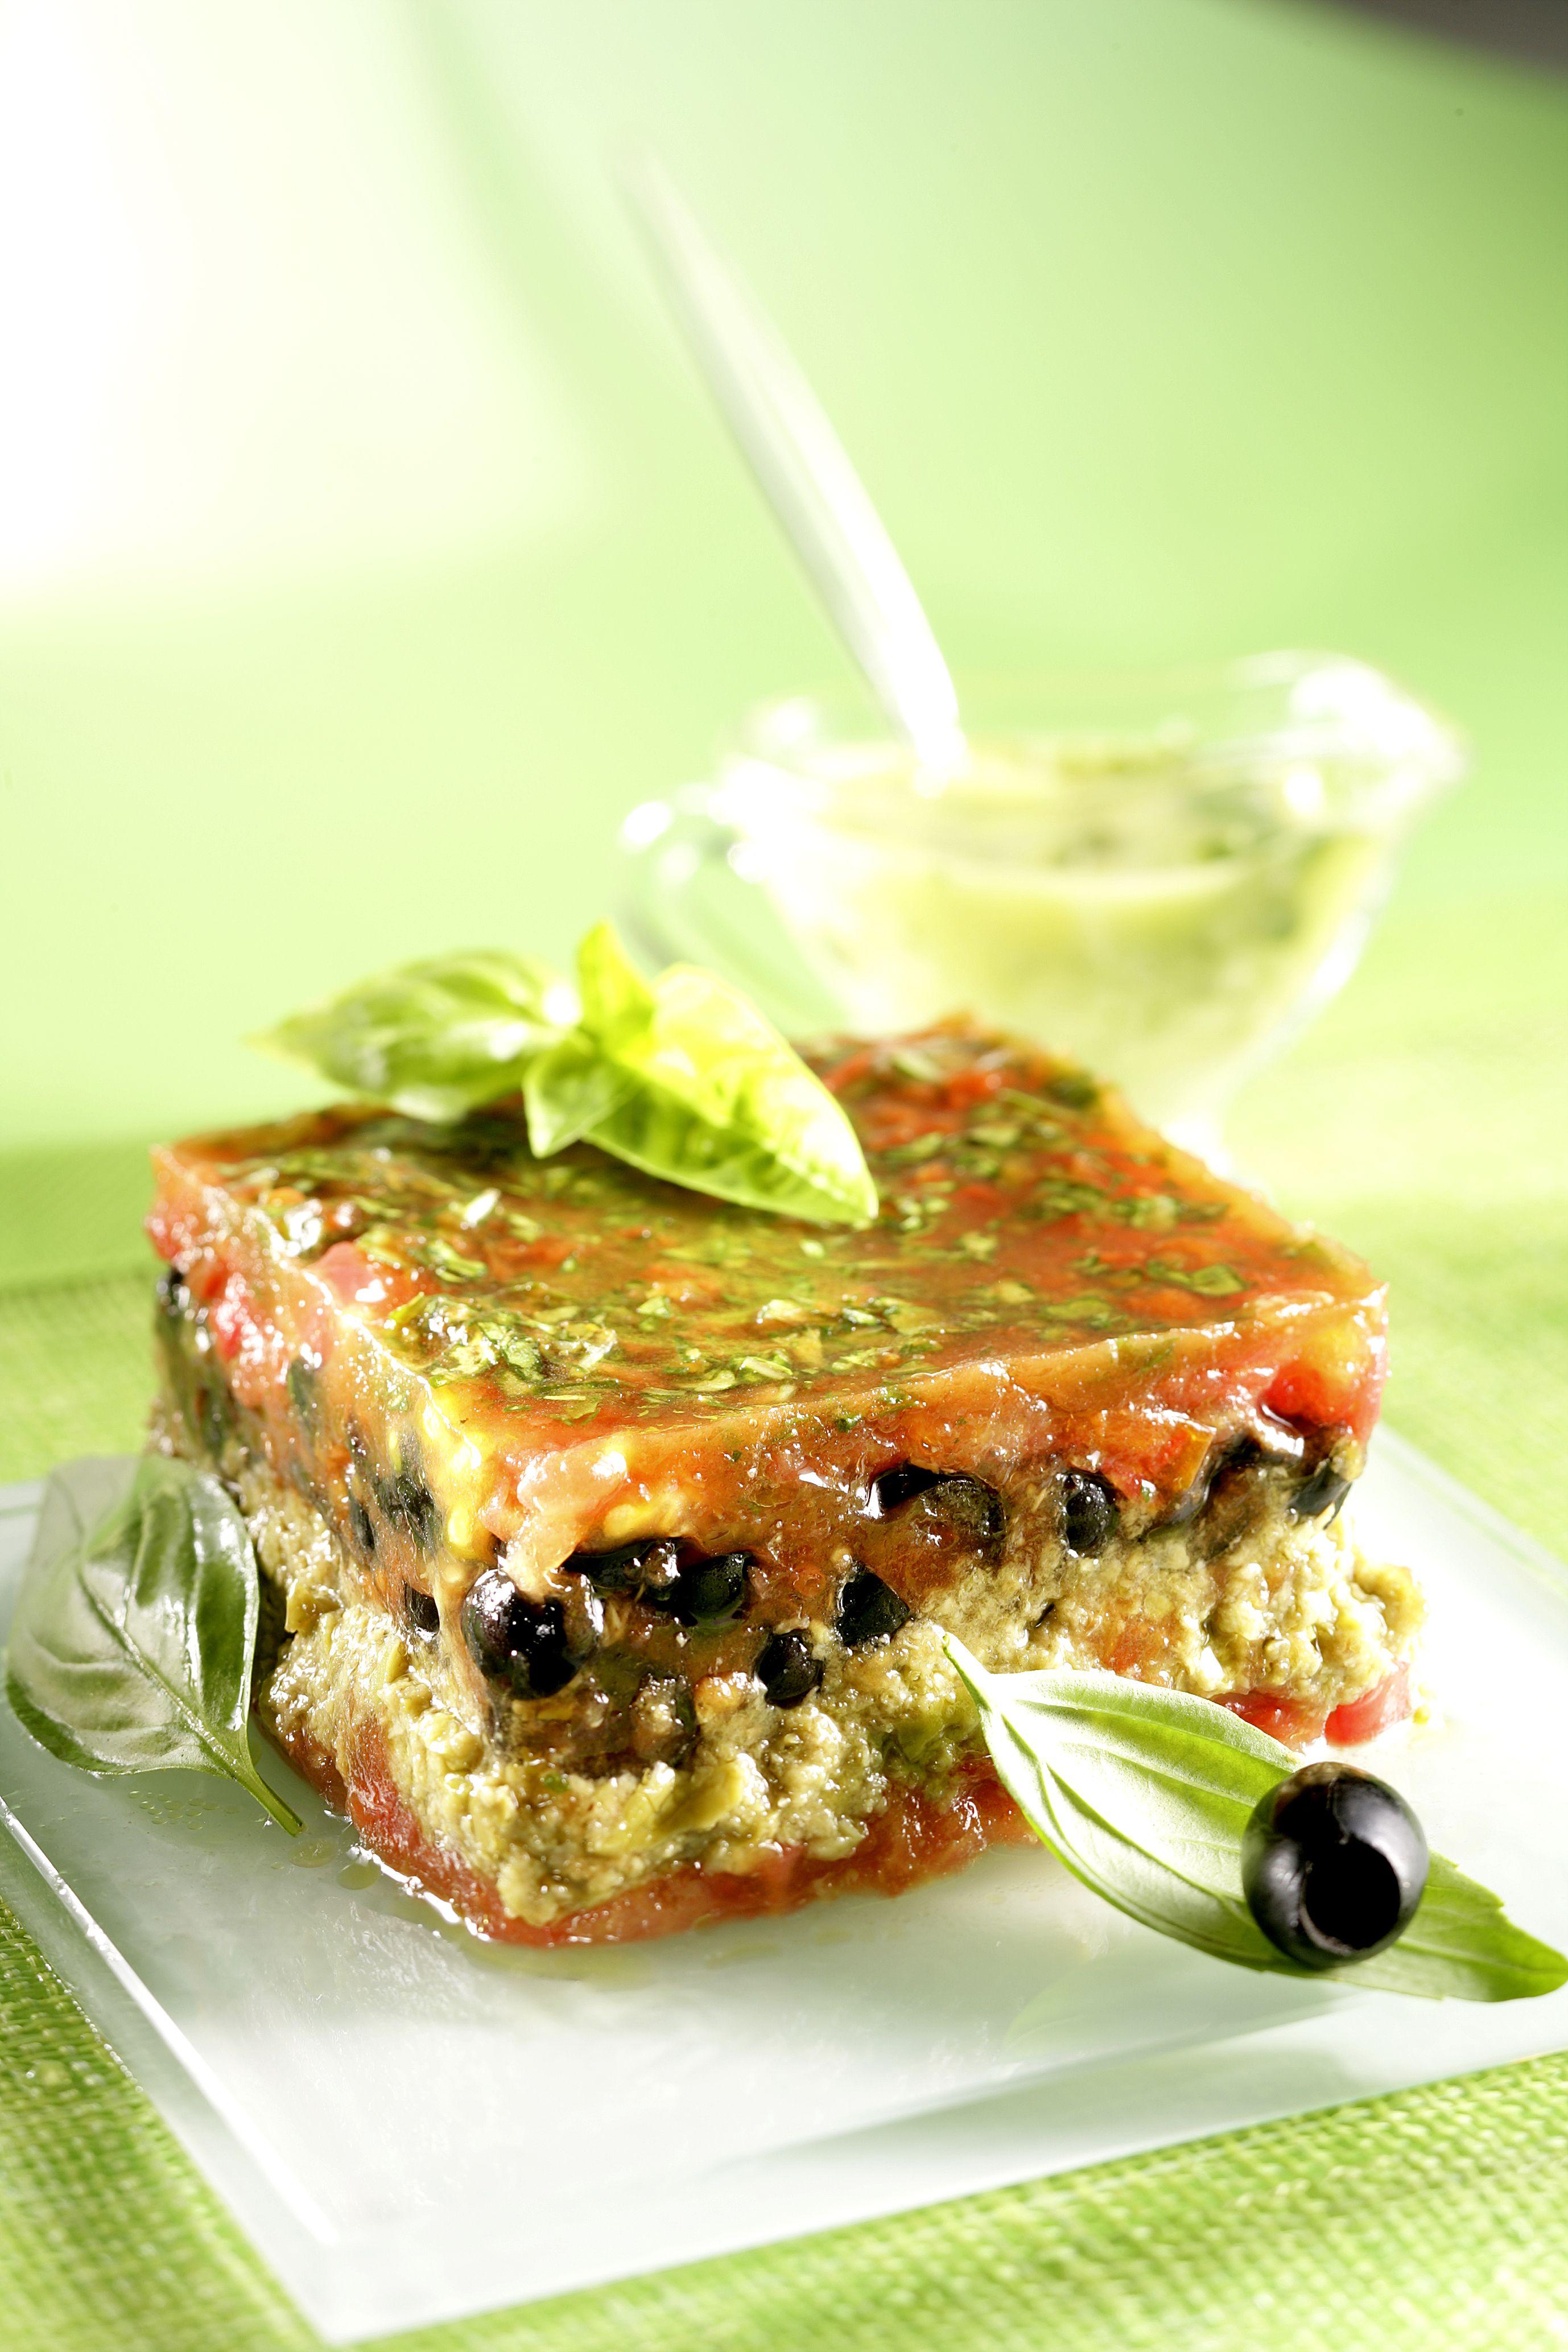 duo d olives en terrine provencale cooklook photo recette cuisine et photographies recettes cuisine gourmande studio guy renaux design culinaire